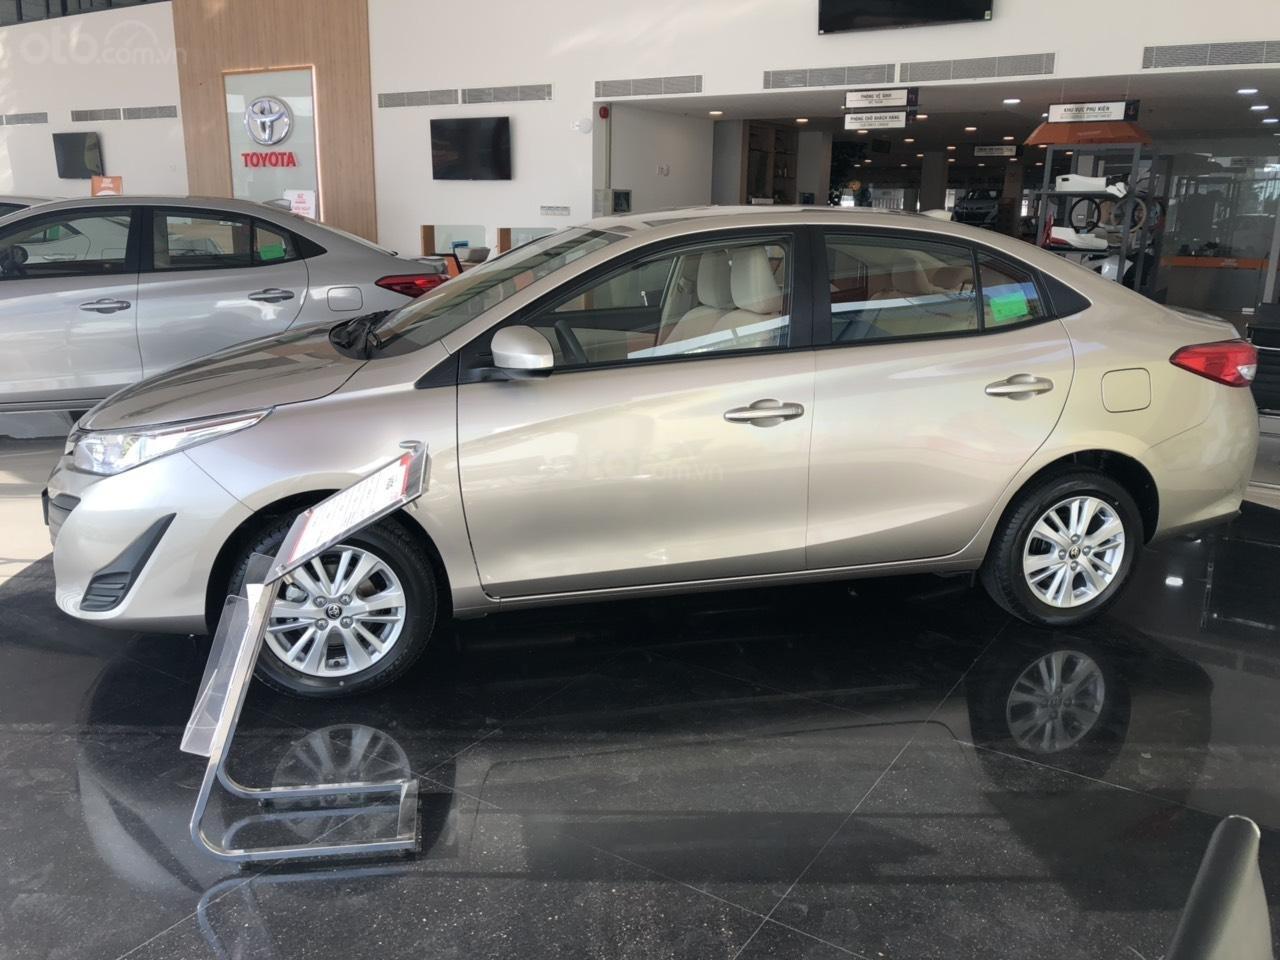 Toyota Vios 1.5E số sàn- màu nâu vàng, bán trả góp chỉ với 130tr nhận xe, lái suất vay 0% (5)